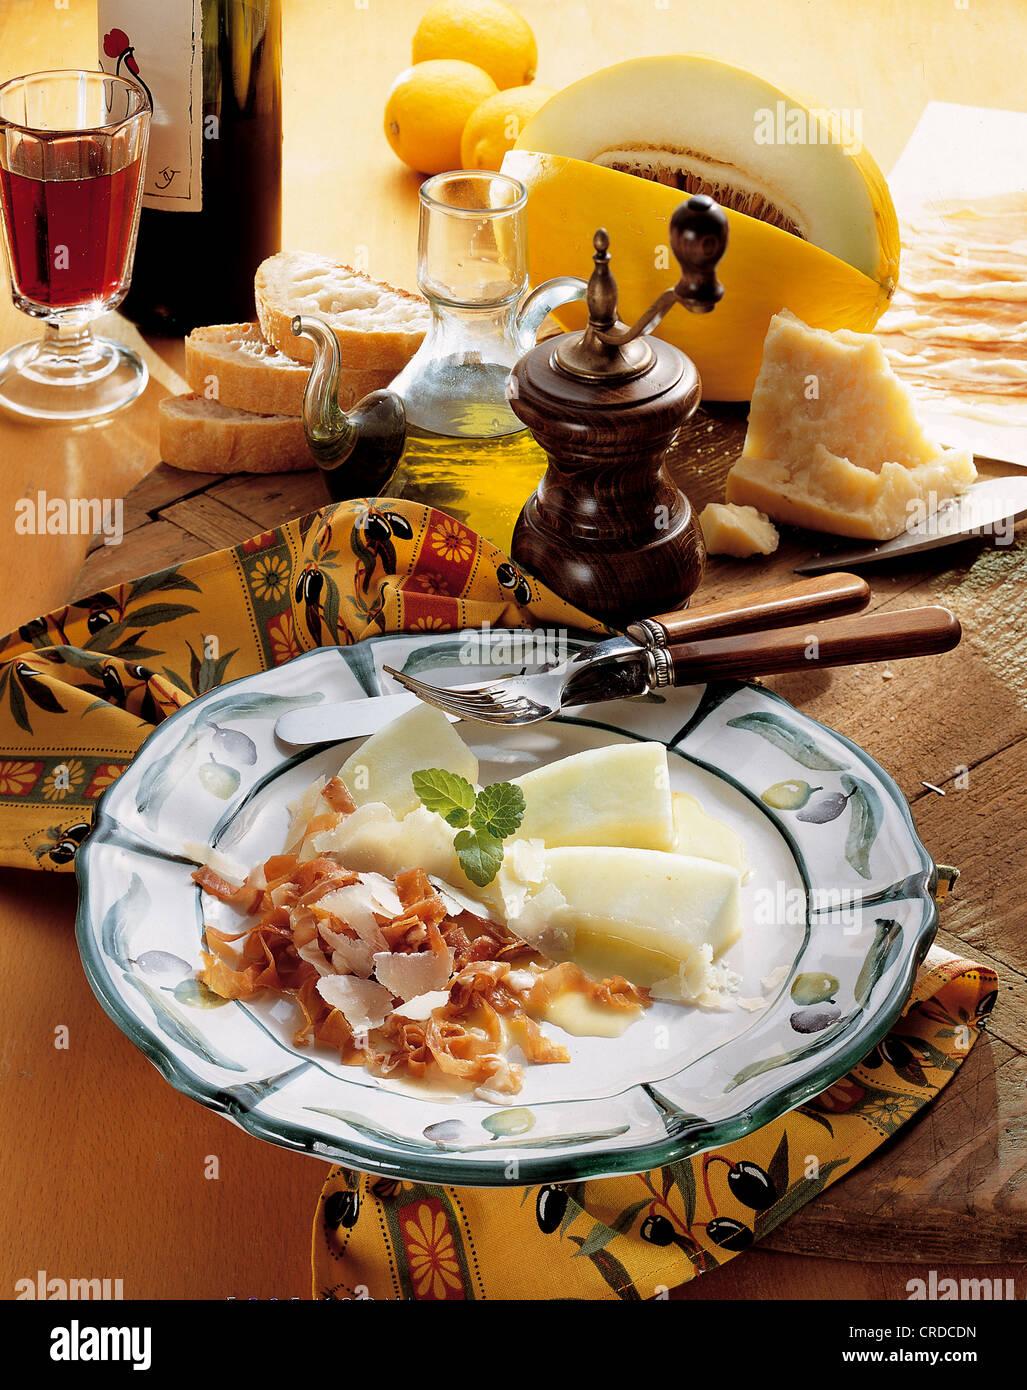 Prosciutto di Parma e melone, Italia, ricetta disponibile a pagamento Immagini Stock